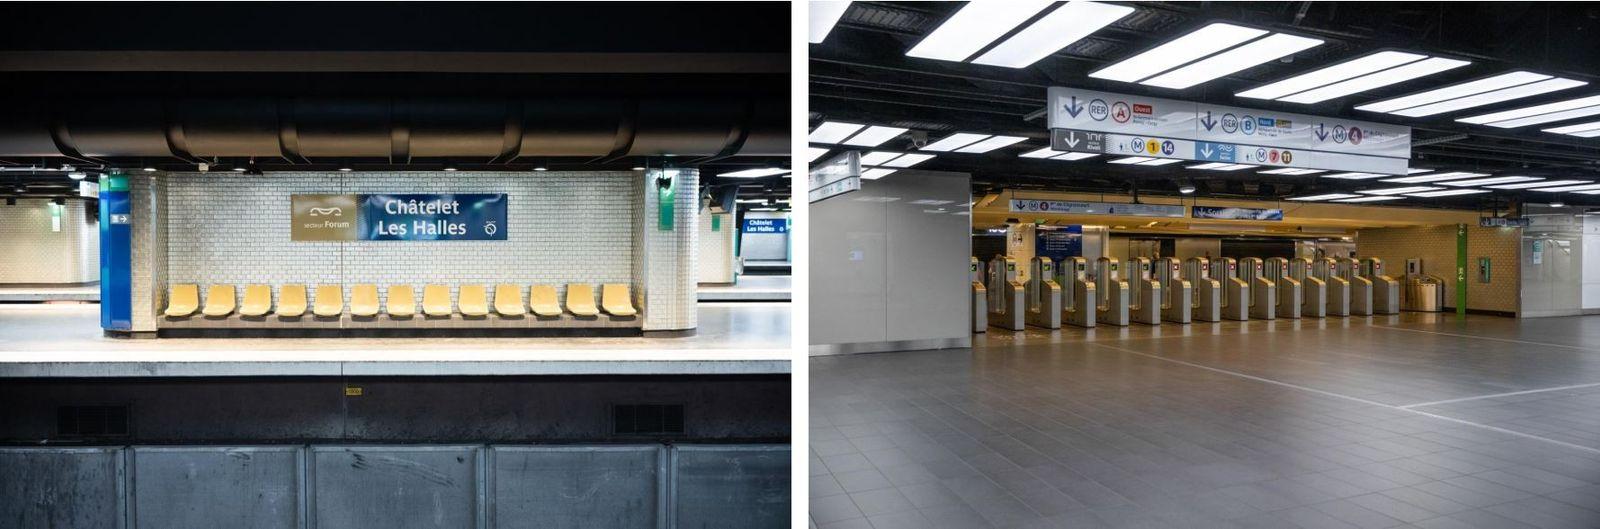 Esquerda: A estação de metro Châtelet-Les Halles, no coração de Paris, é a maior estação de ...